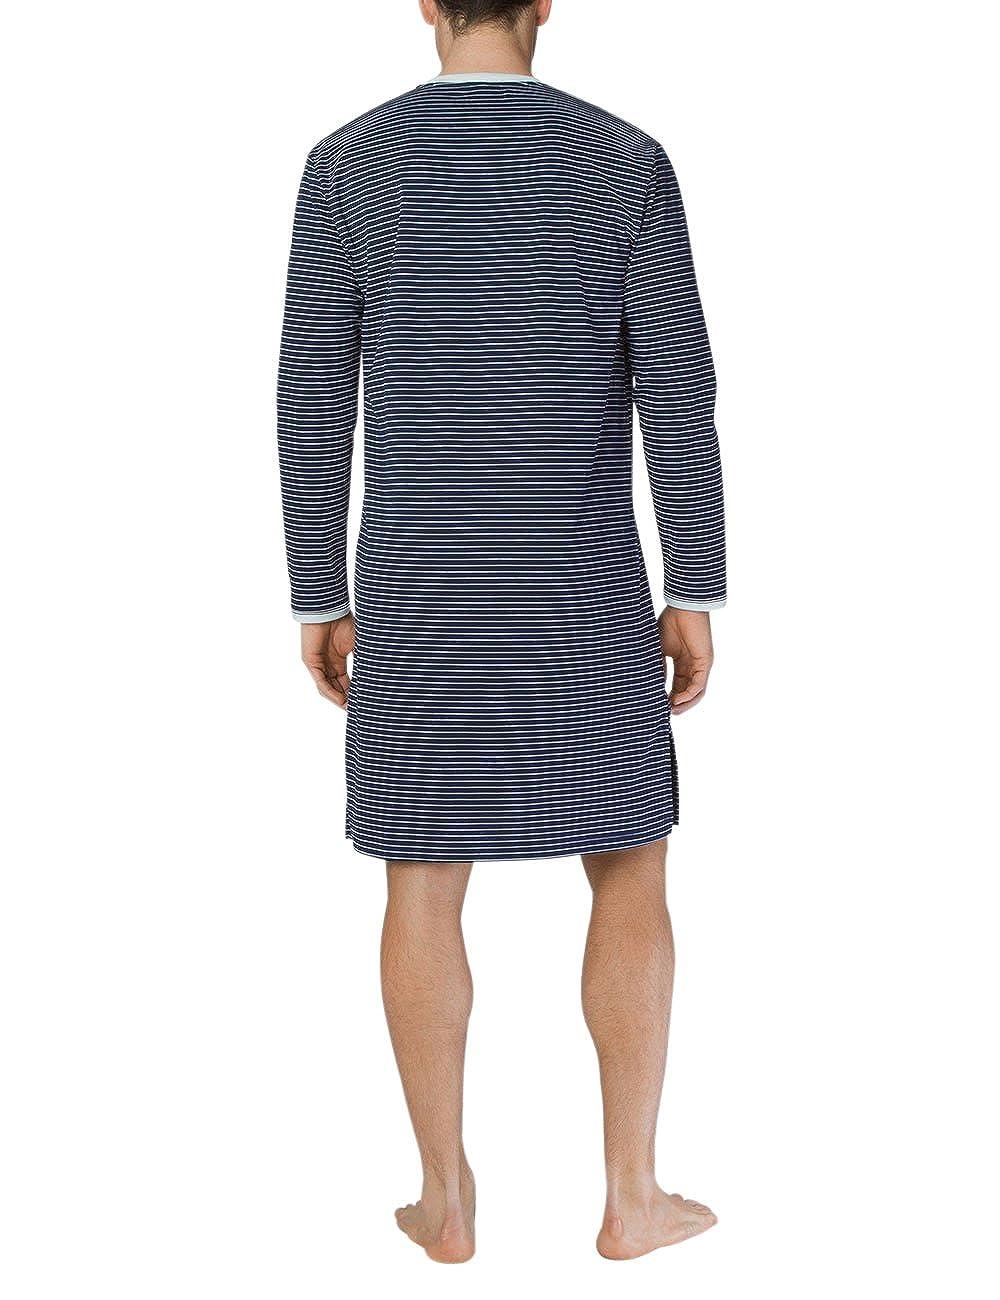 Calida Anthony Herren Nachthemd, Pijama de Una Pieza para Hombre: Amazon.es: Ropa y accesorios